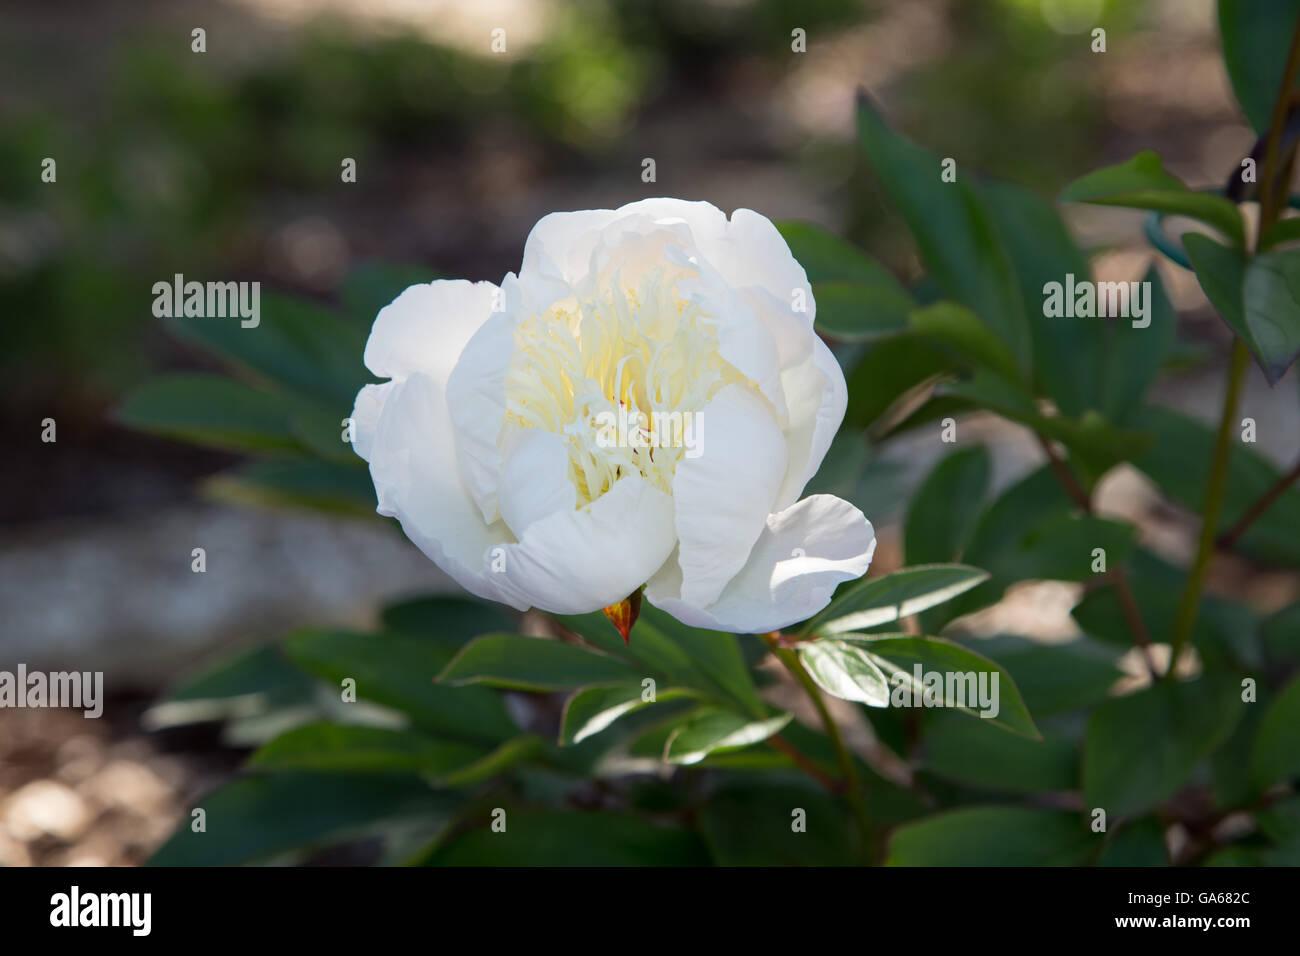 White peony Duchesse de Nemours flower head in a garden - Stock Image